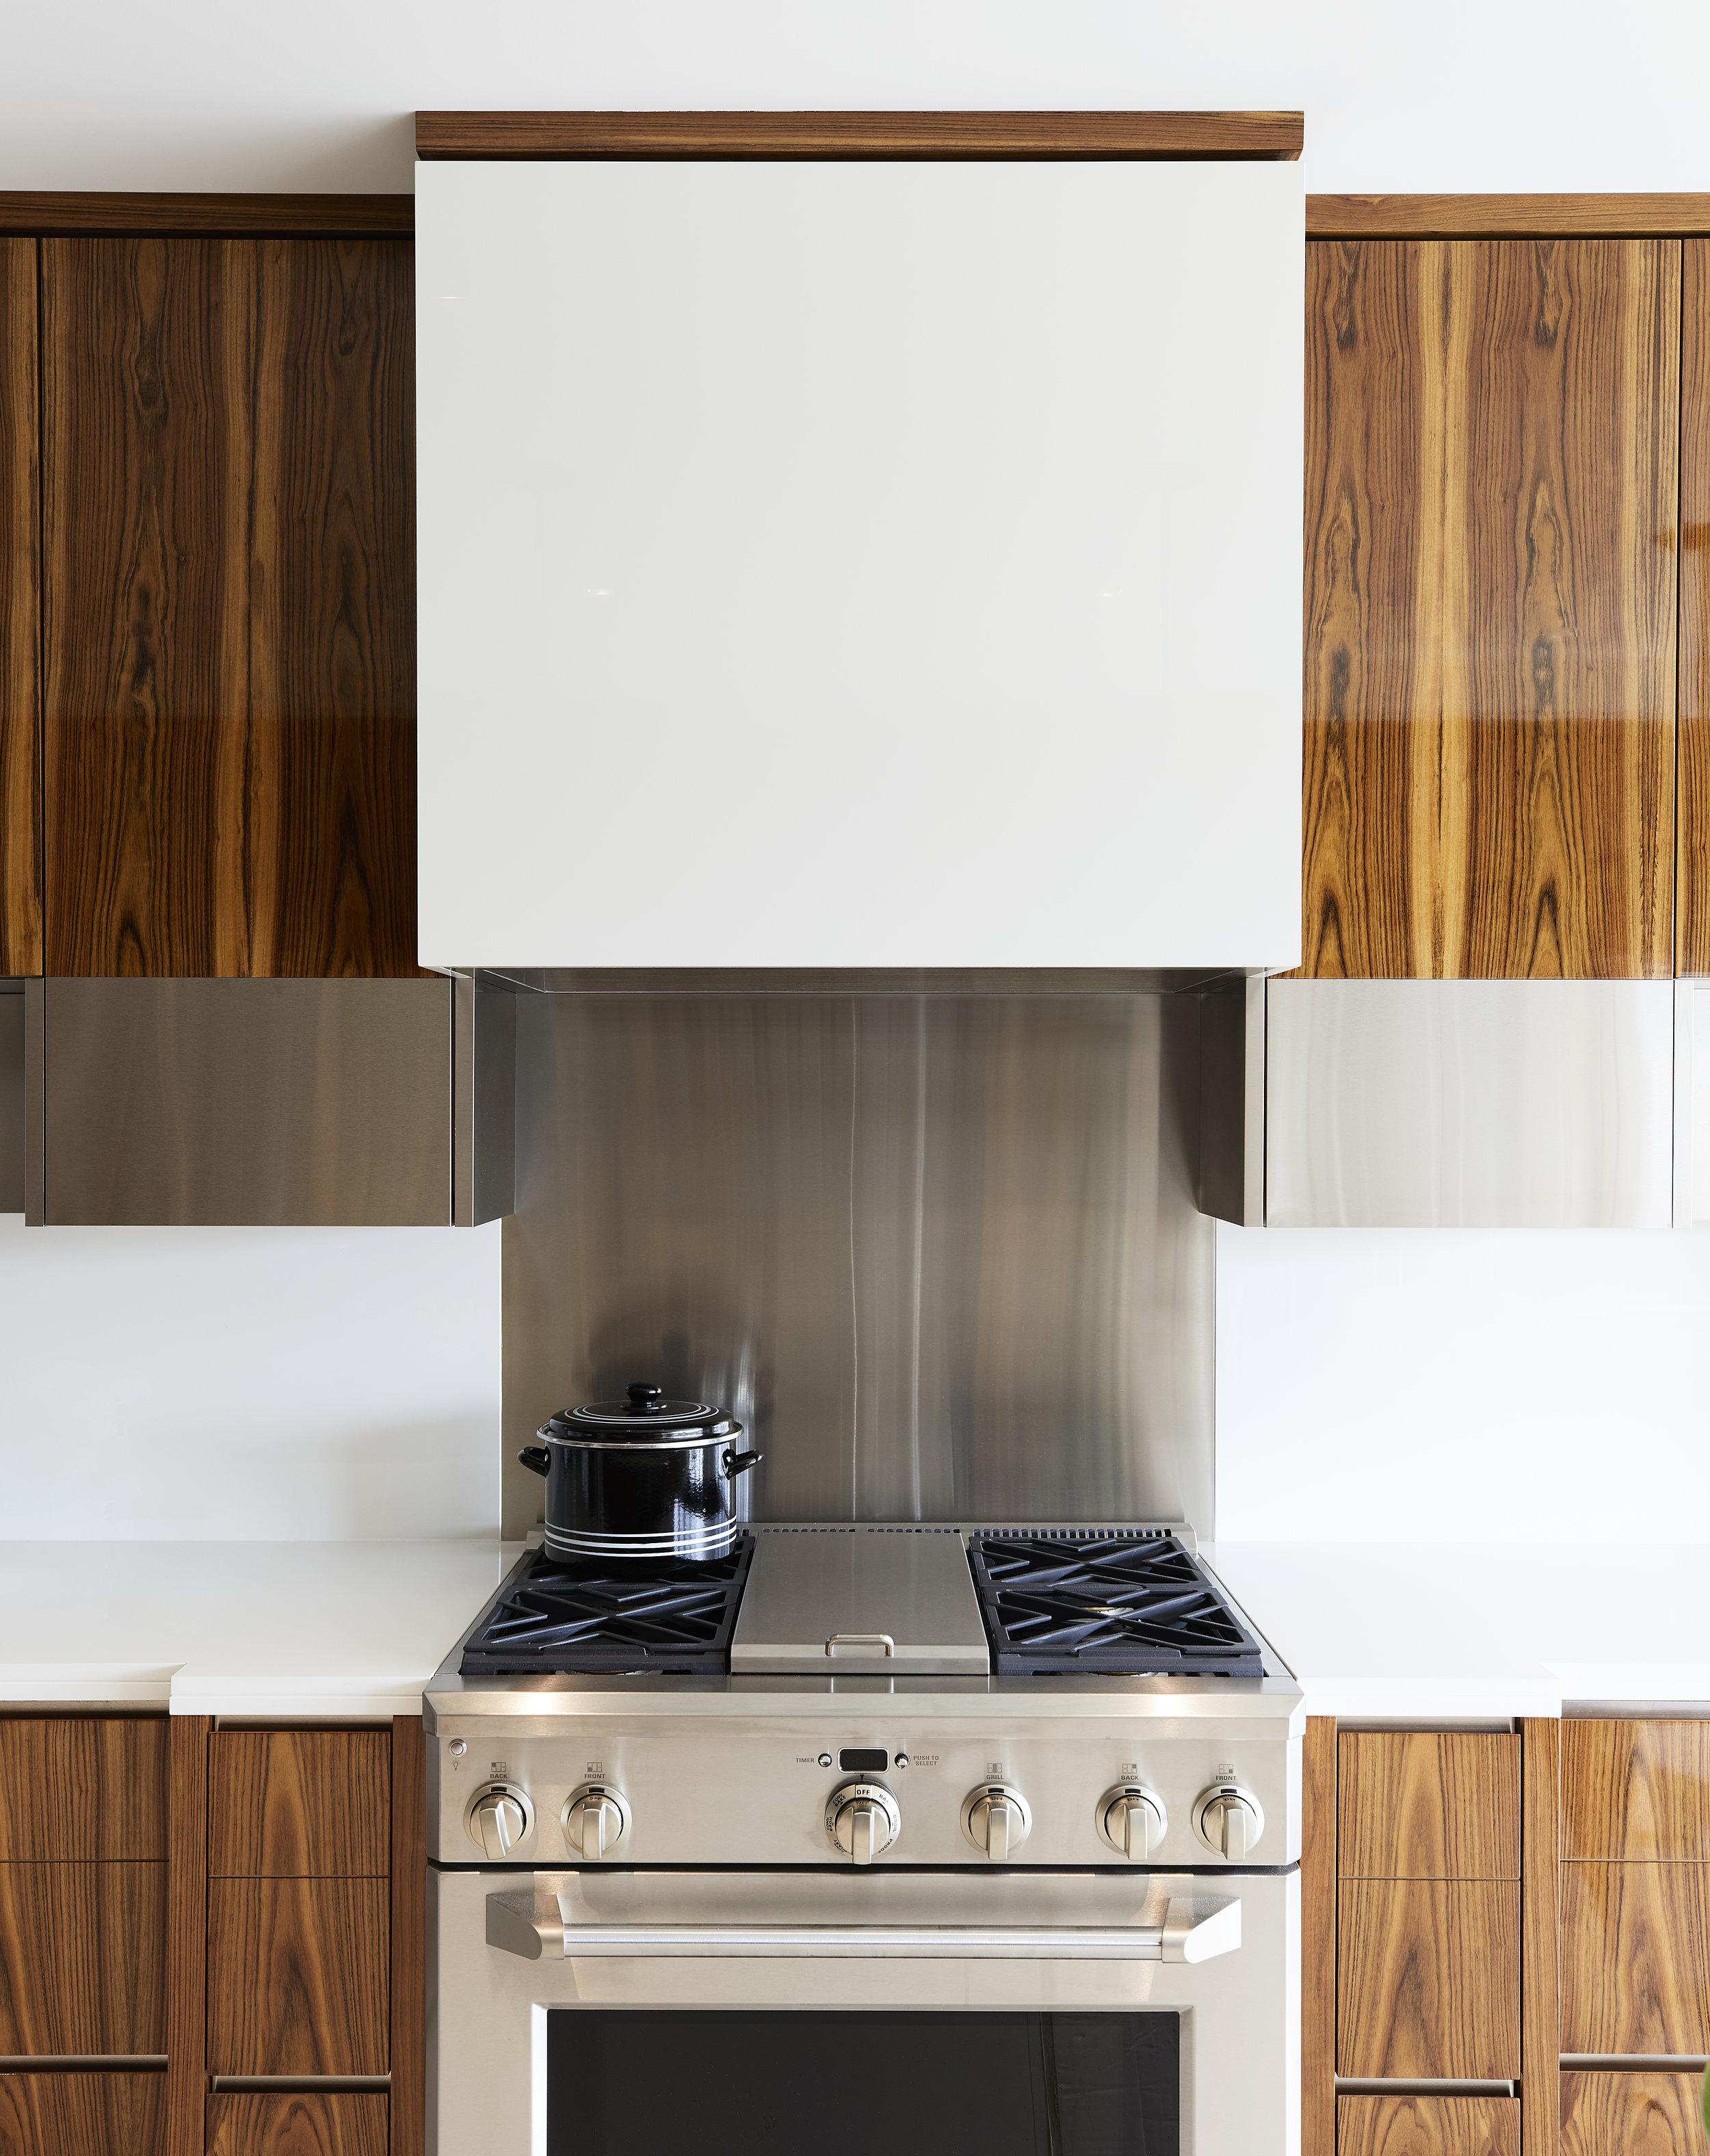 7_Kitchen_Stove.jpg